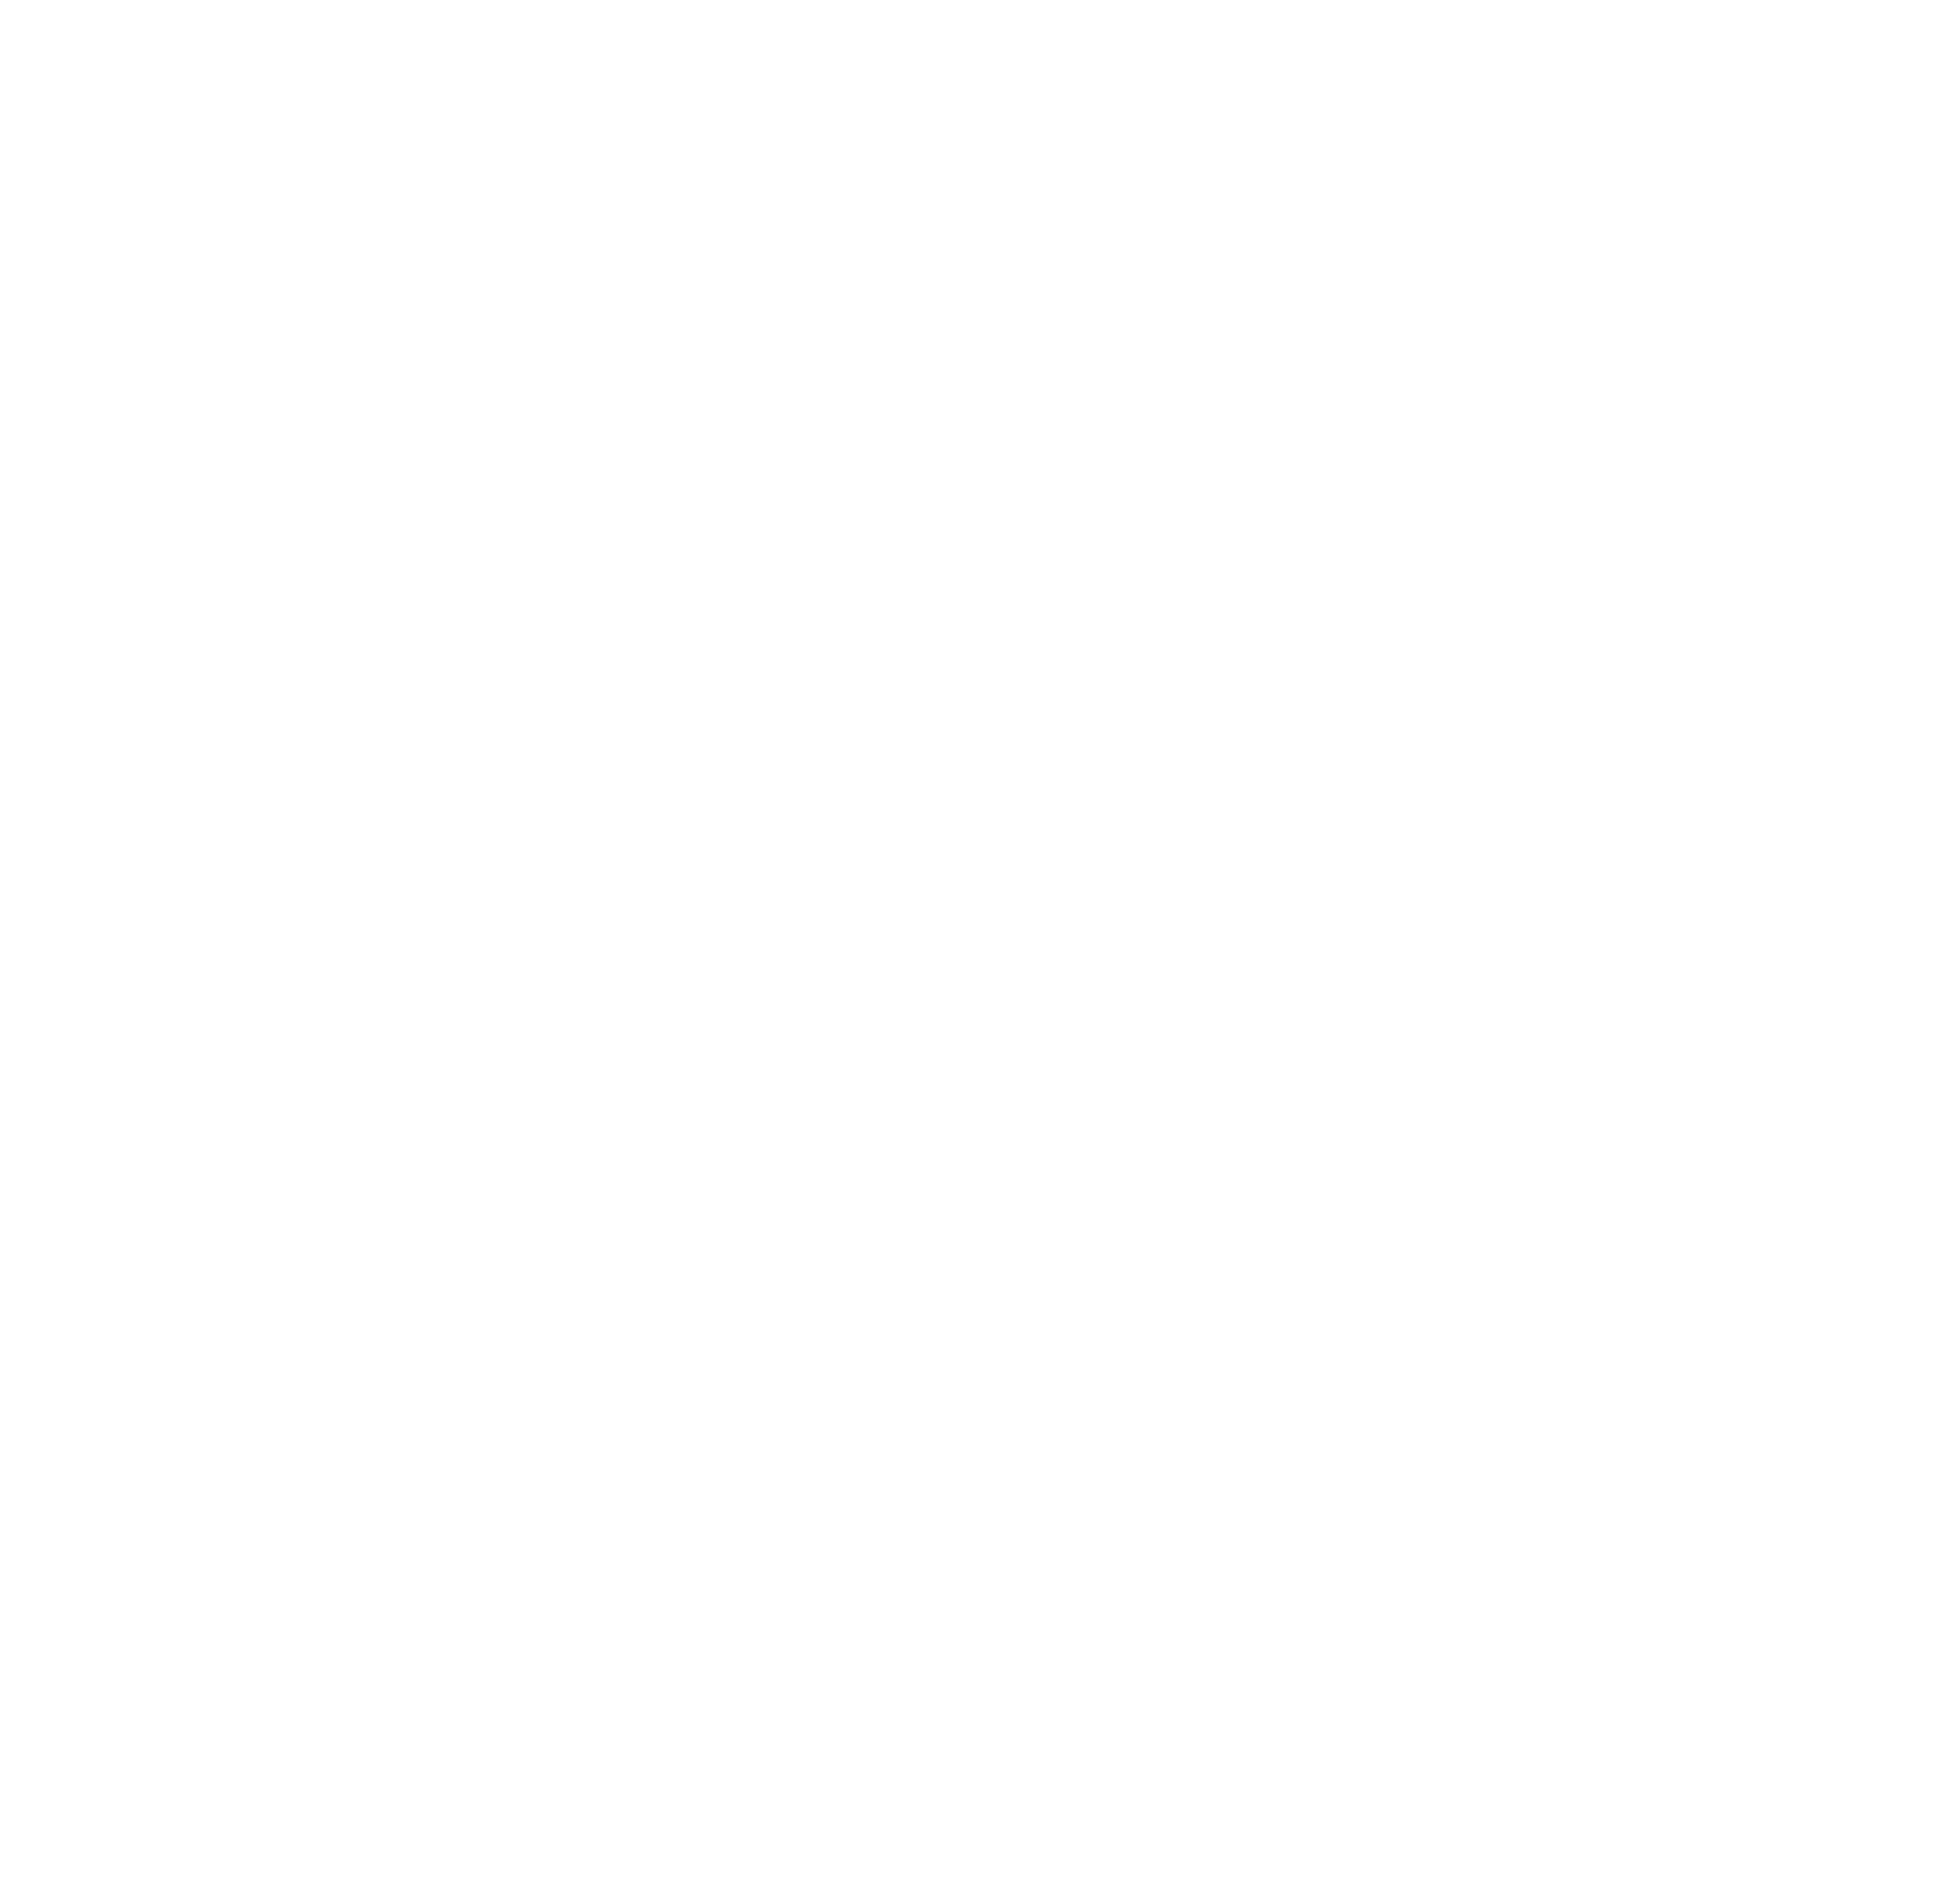 Montagu Place